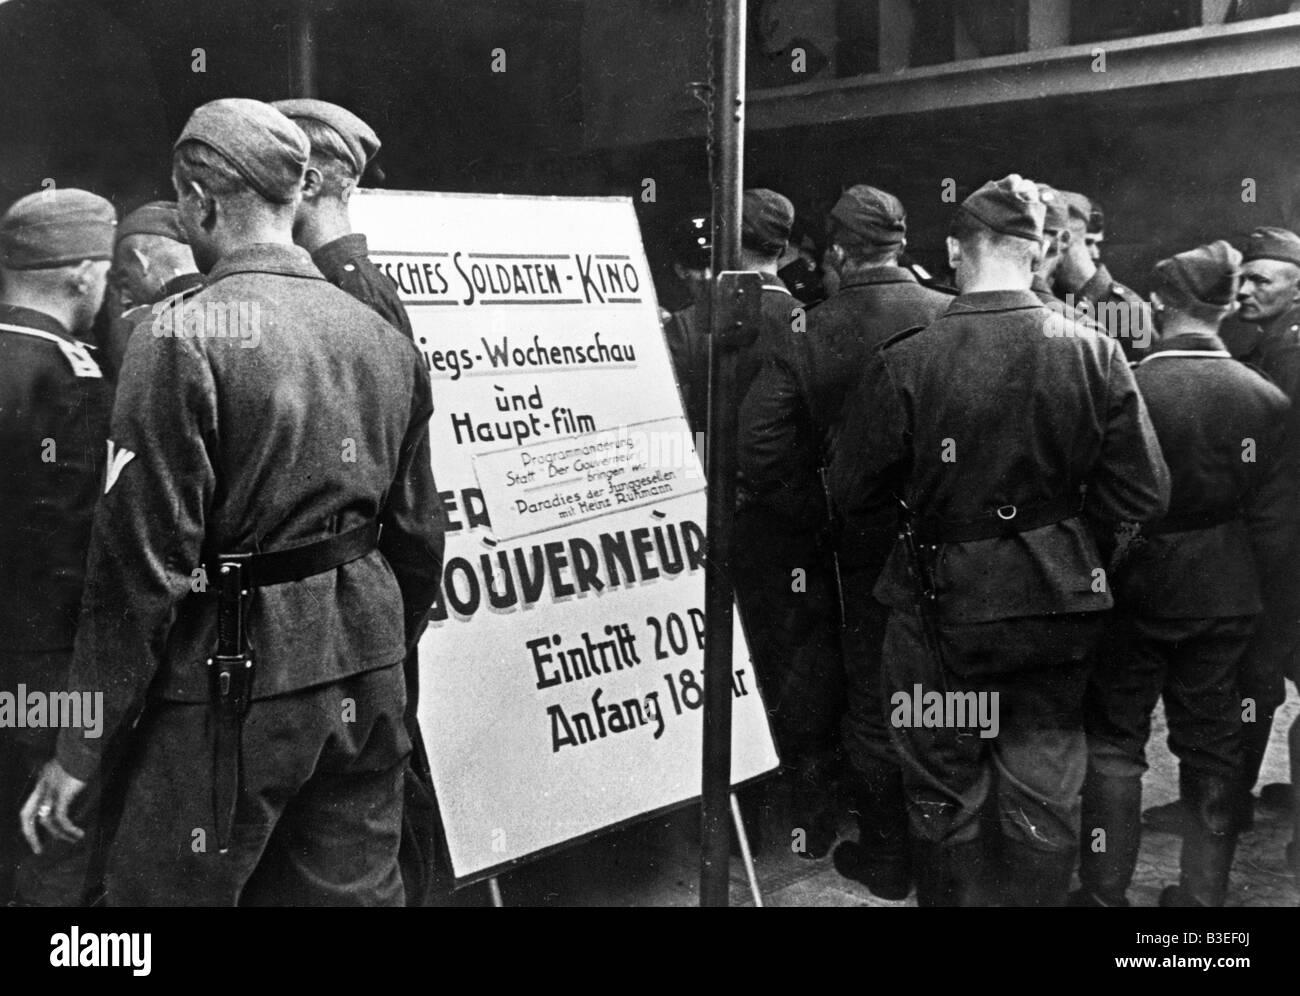 German Soldiers' Cinema, Paris / 1940 - Stock Image